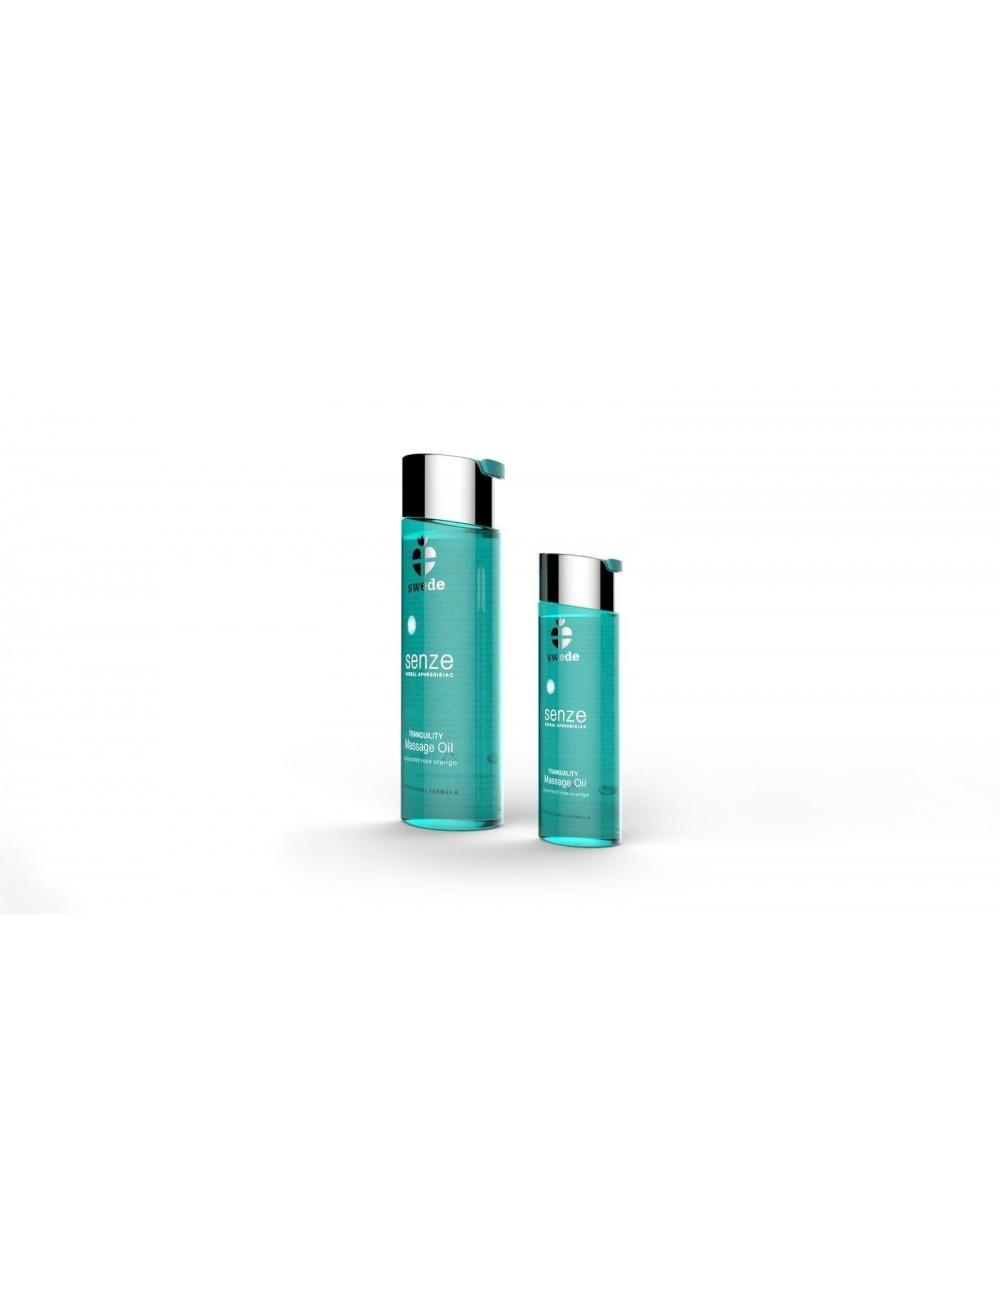 Huile de massage extraits naturels Senze Tranquility 150 ML - SWD-02047 - Huiles de massage - Swede